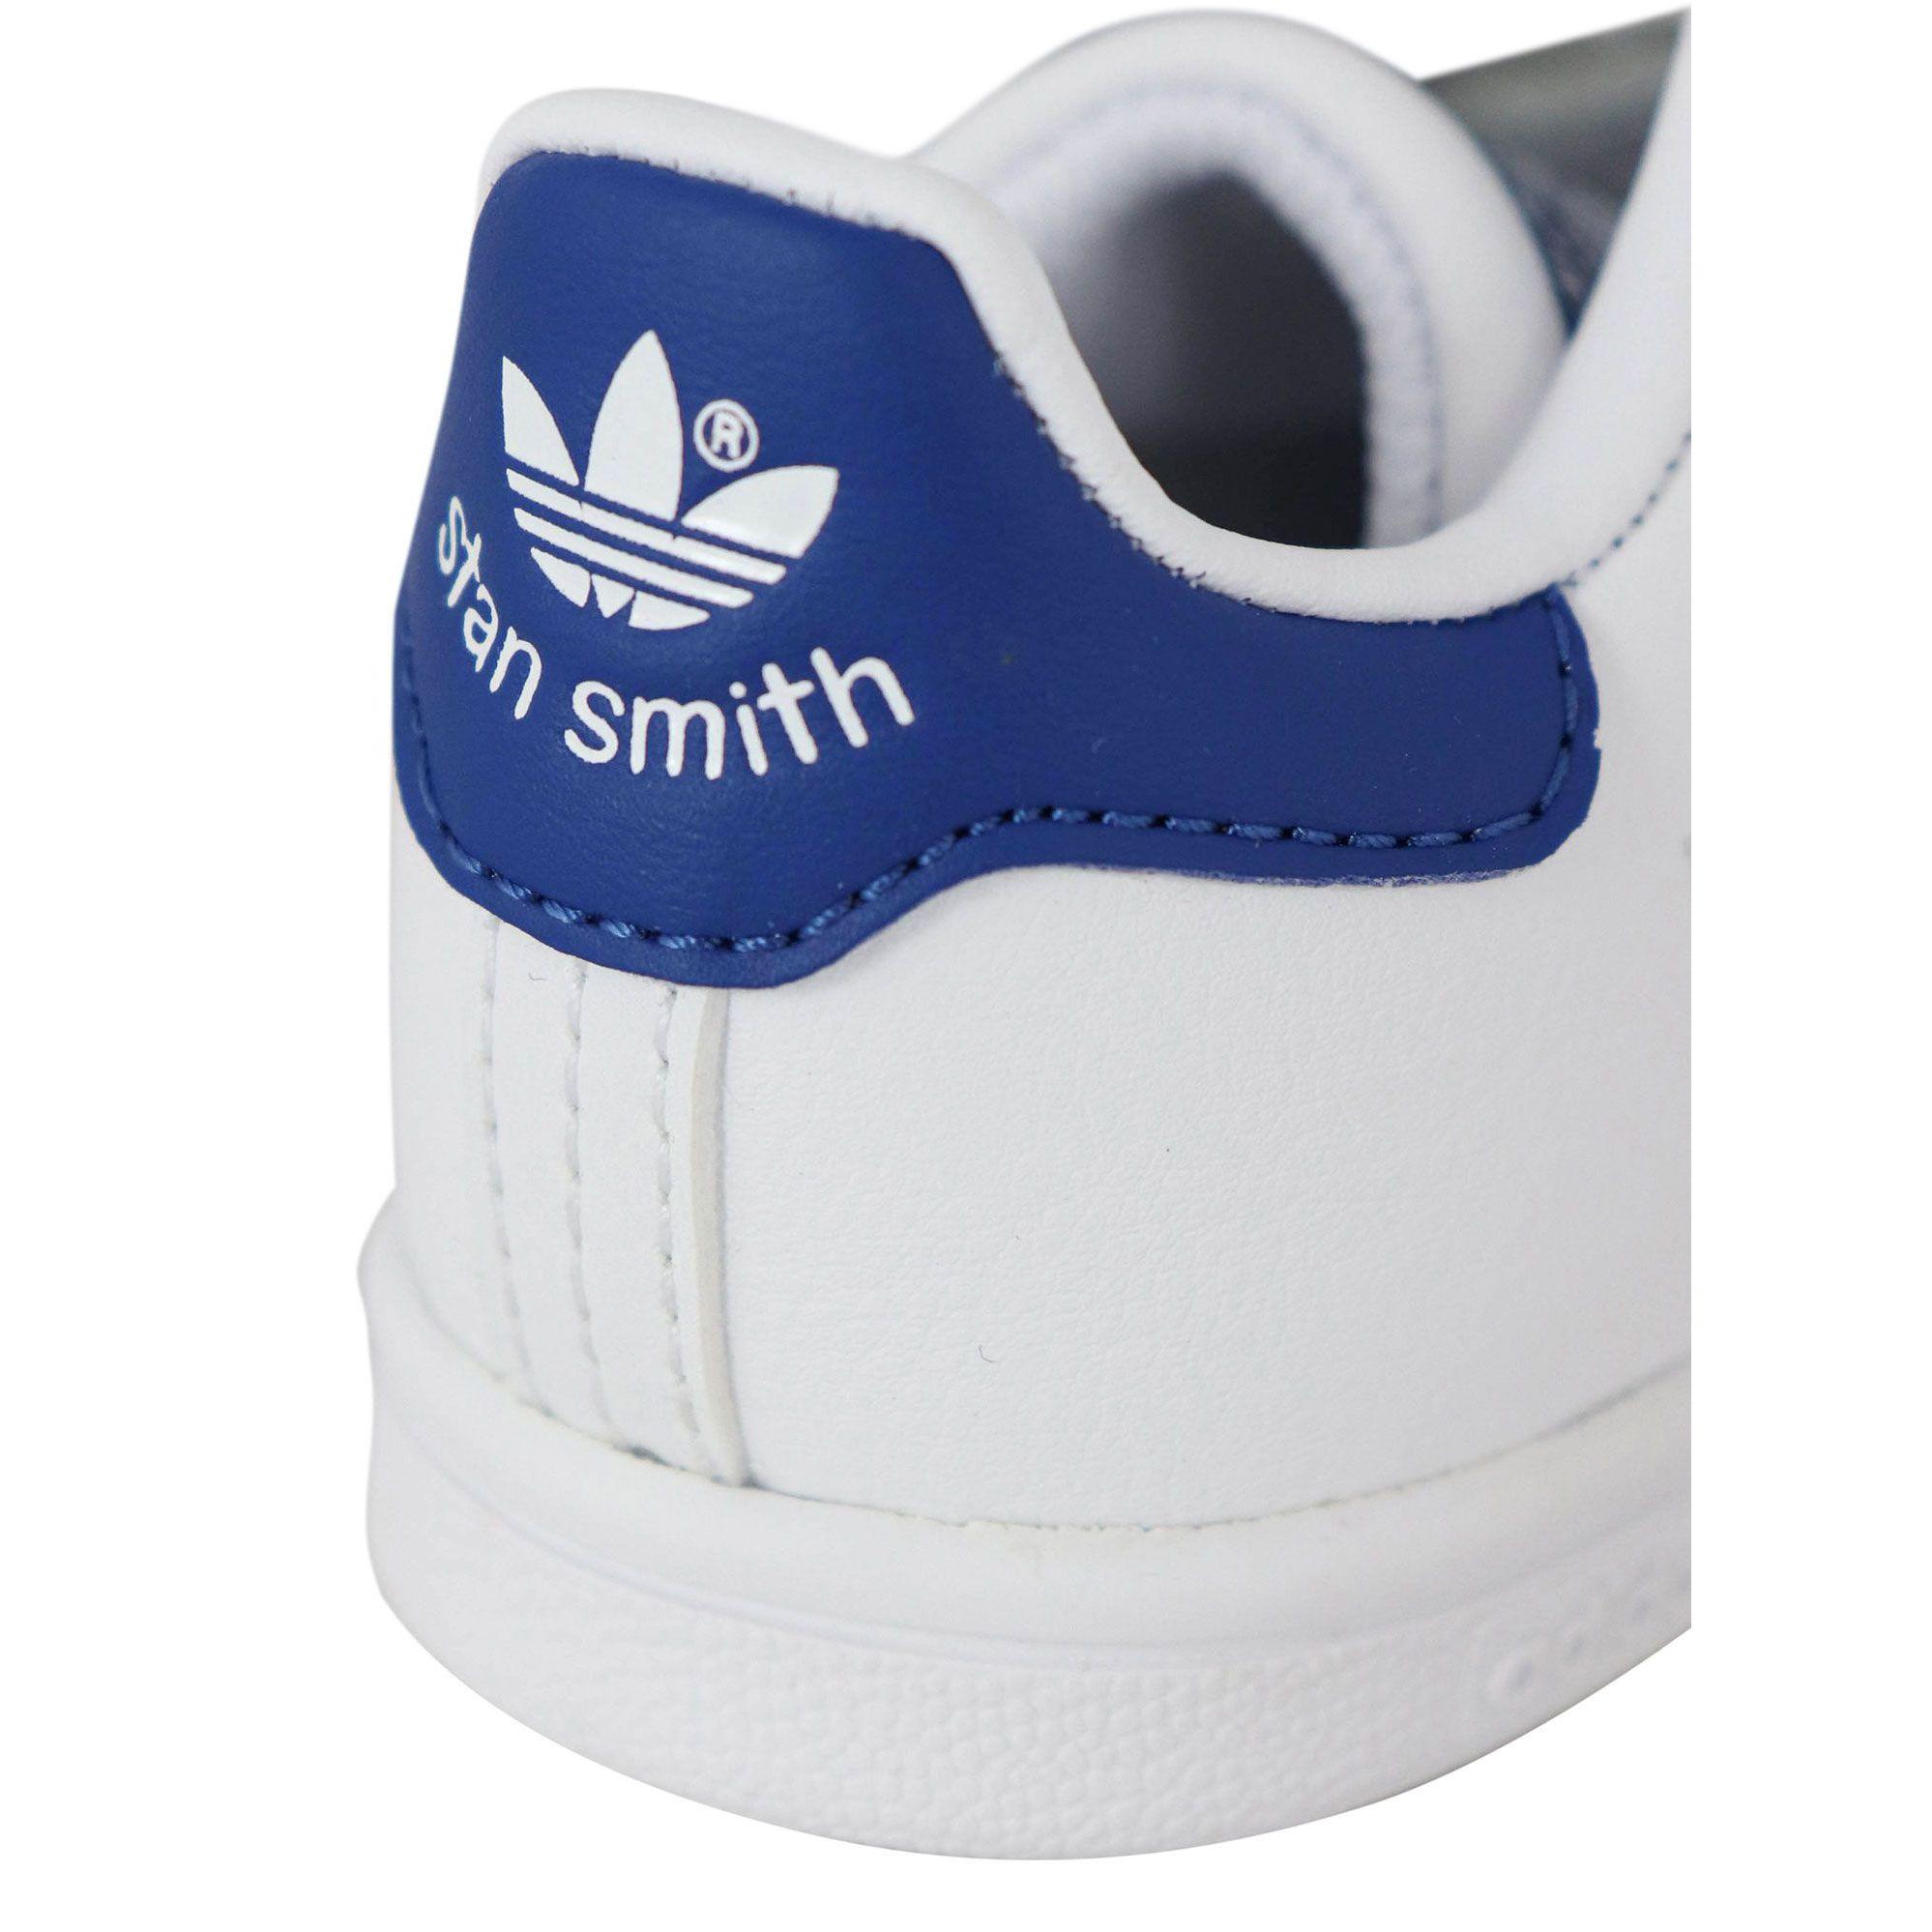 Turnschuhe S74782 STAN SMITH CF Weiß blau, Adidas s74782